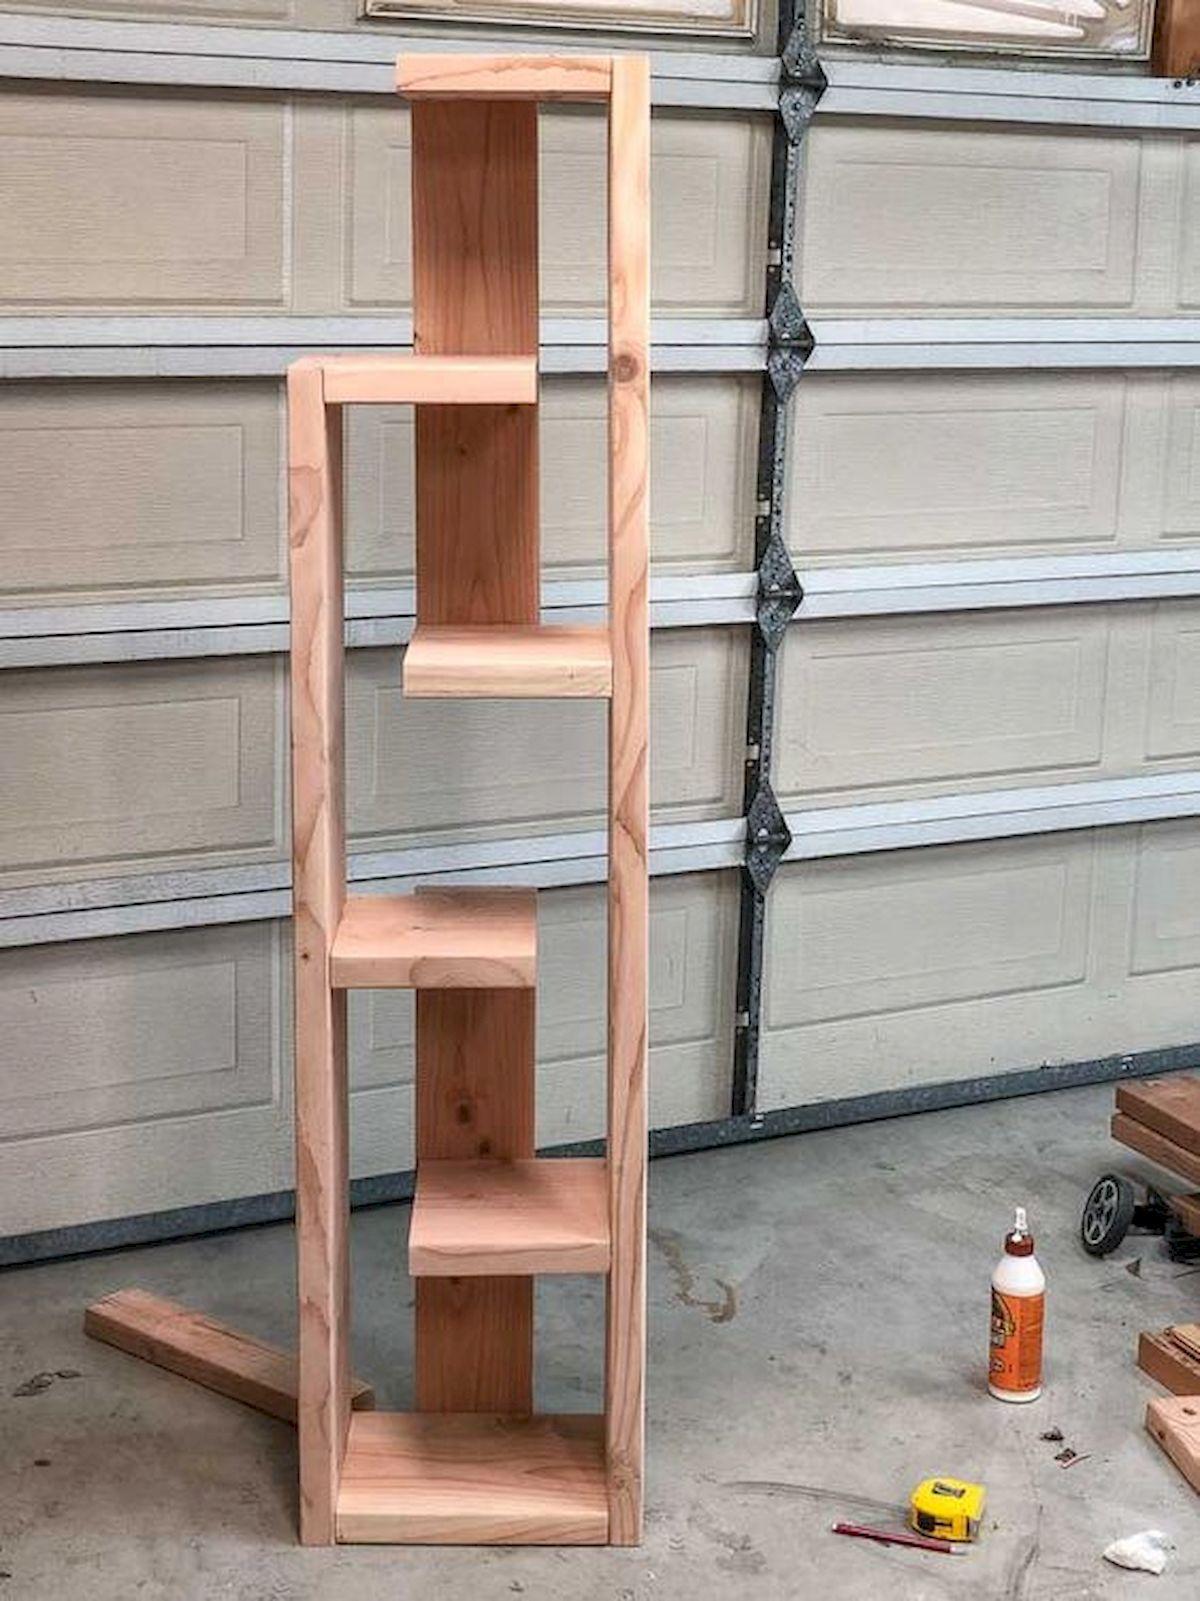 50 Easy Diy Bookshelf Design Ideas For Your Home Bookcase Diy Diy Bookshelf Plans Diy Bookshelf Design